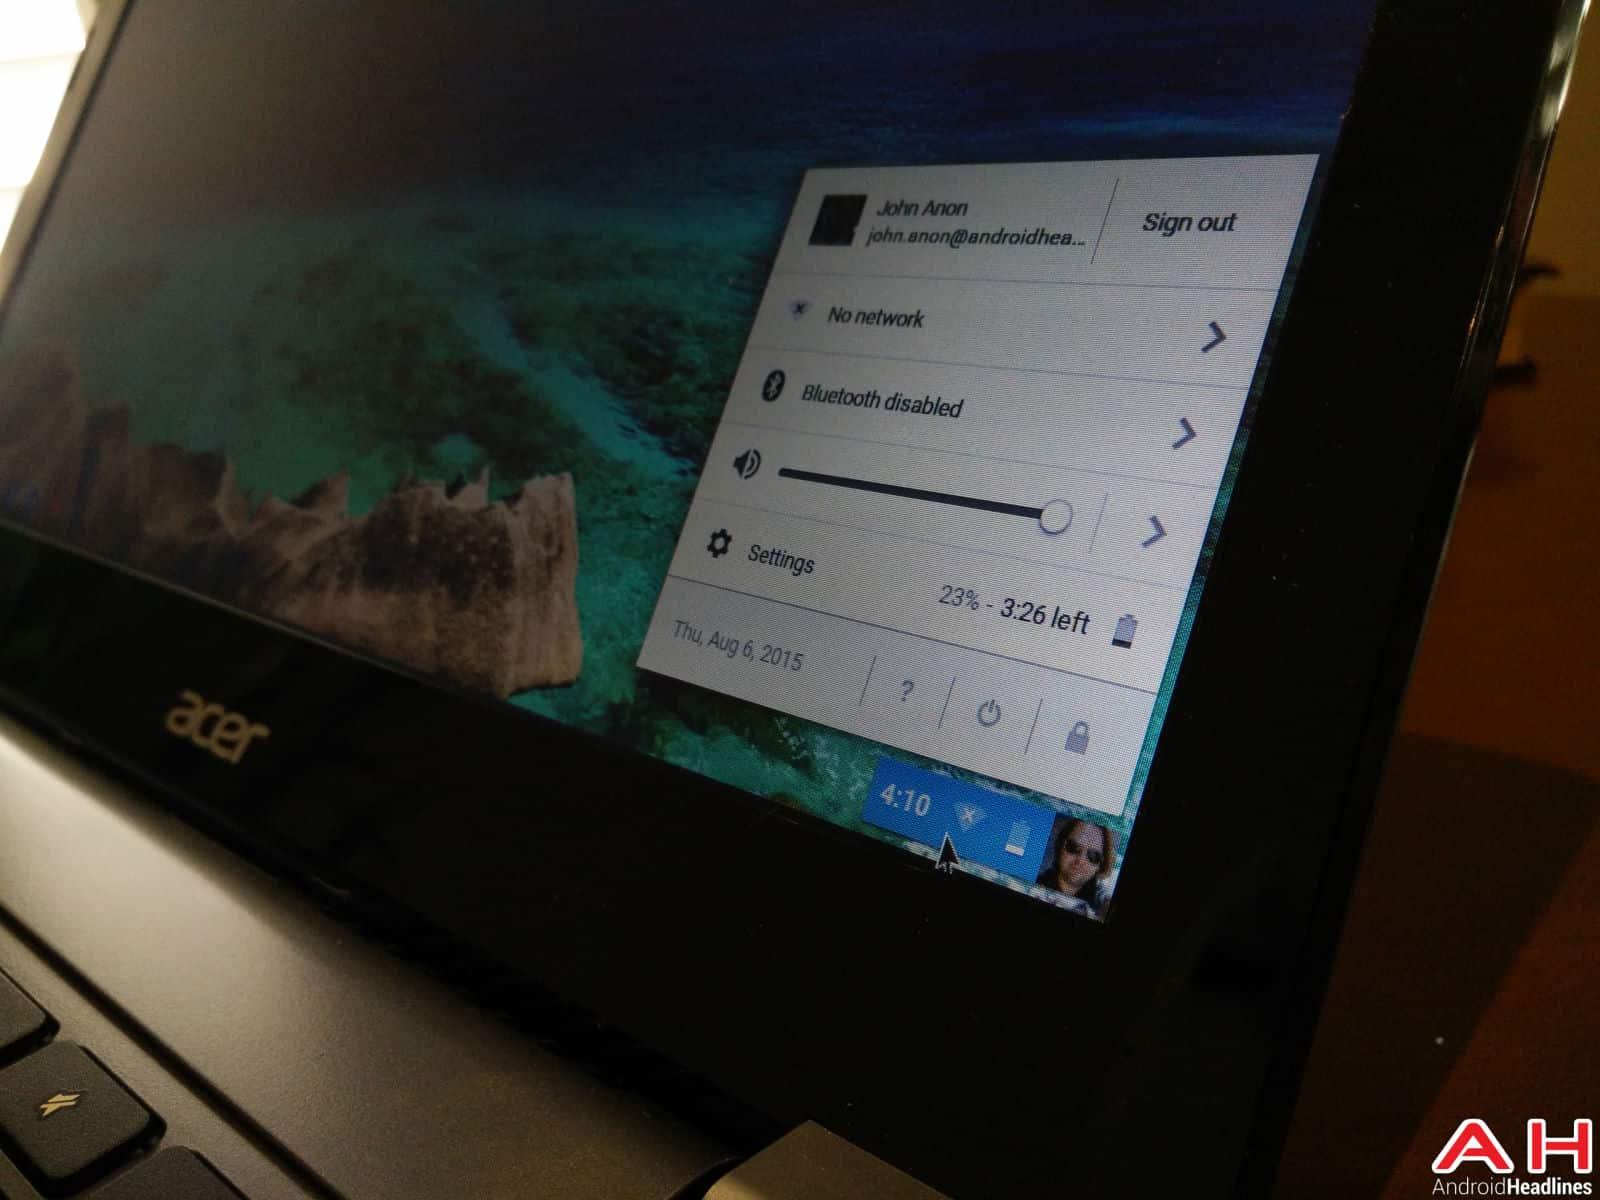 Acer Chromebook 11 C740 AH-63